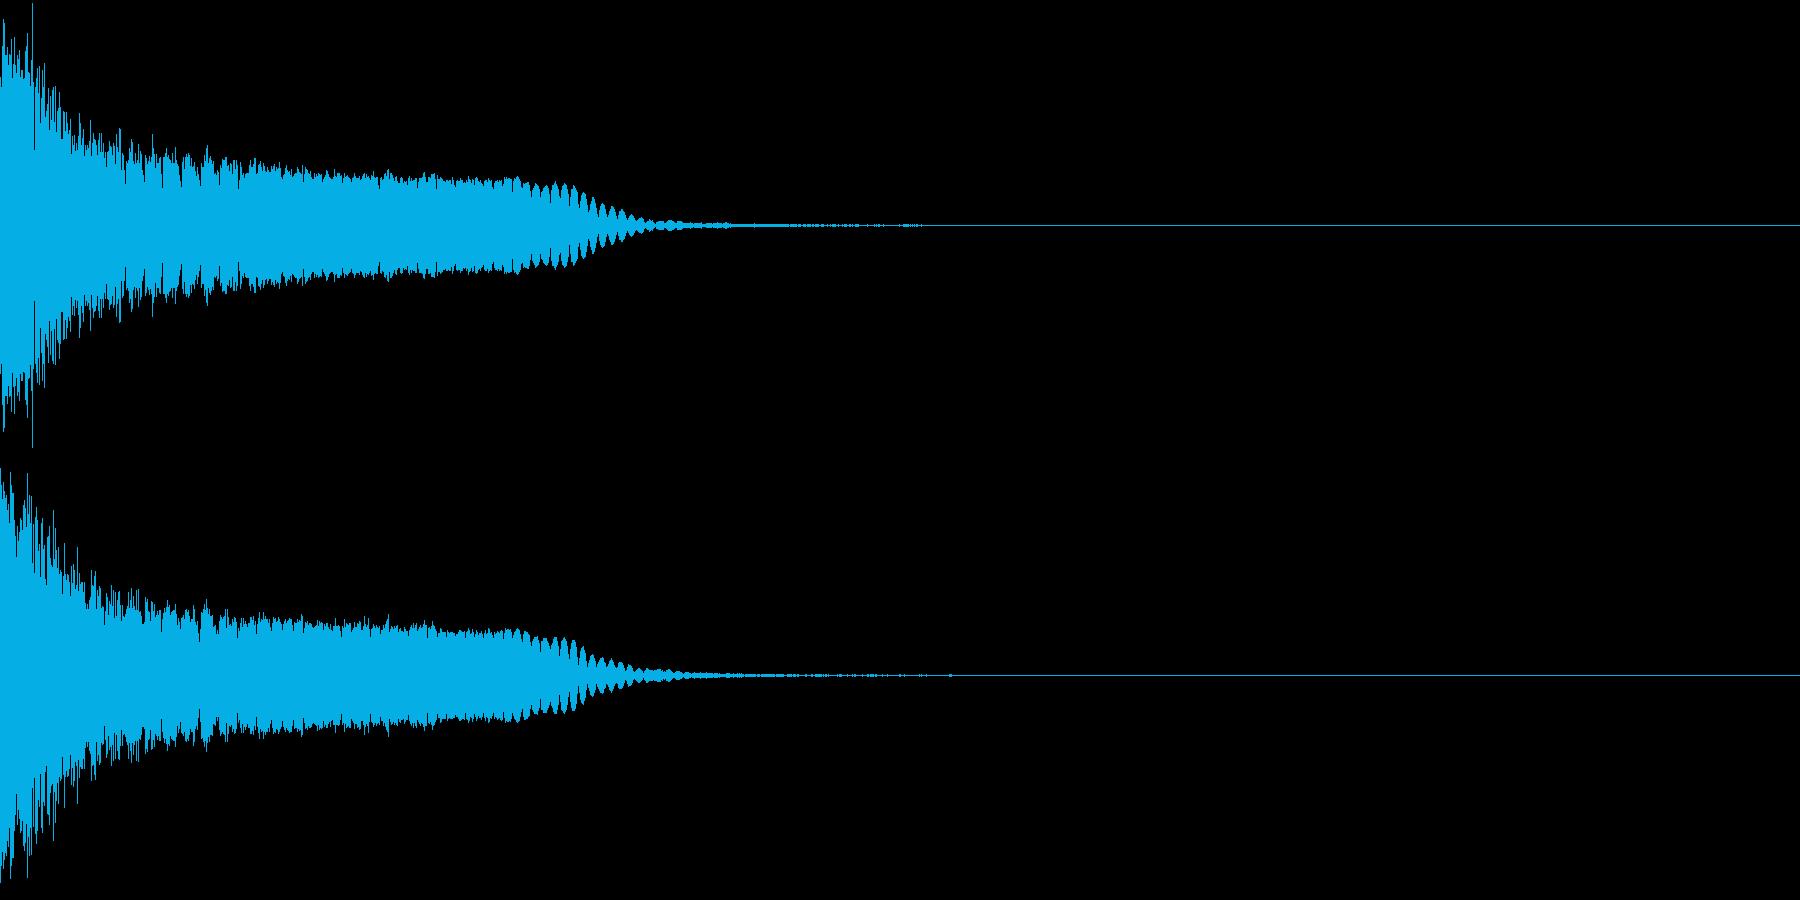 刀 剣 カキーン シャキーン 目立つ04の再生済みの波形